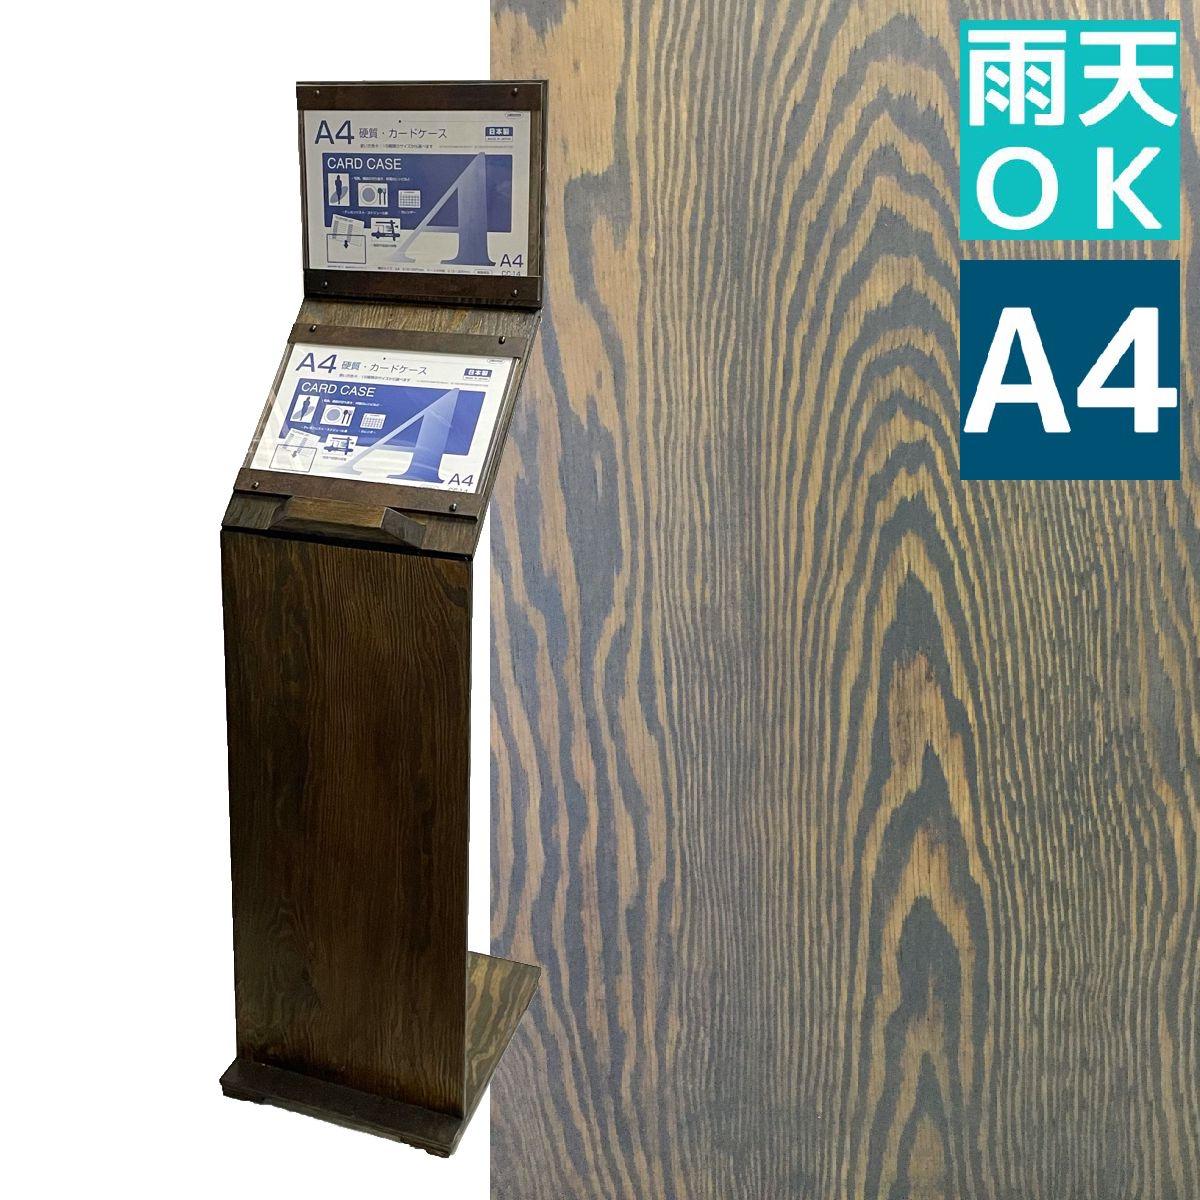 屋外用 A4×2枚 木製オリジナルメニュースタンドS型 オーク